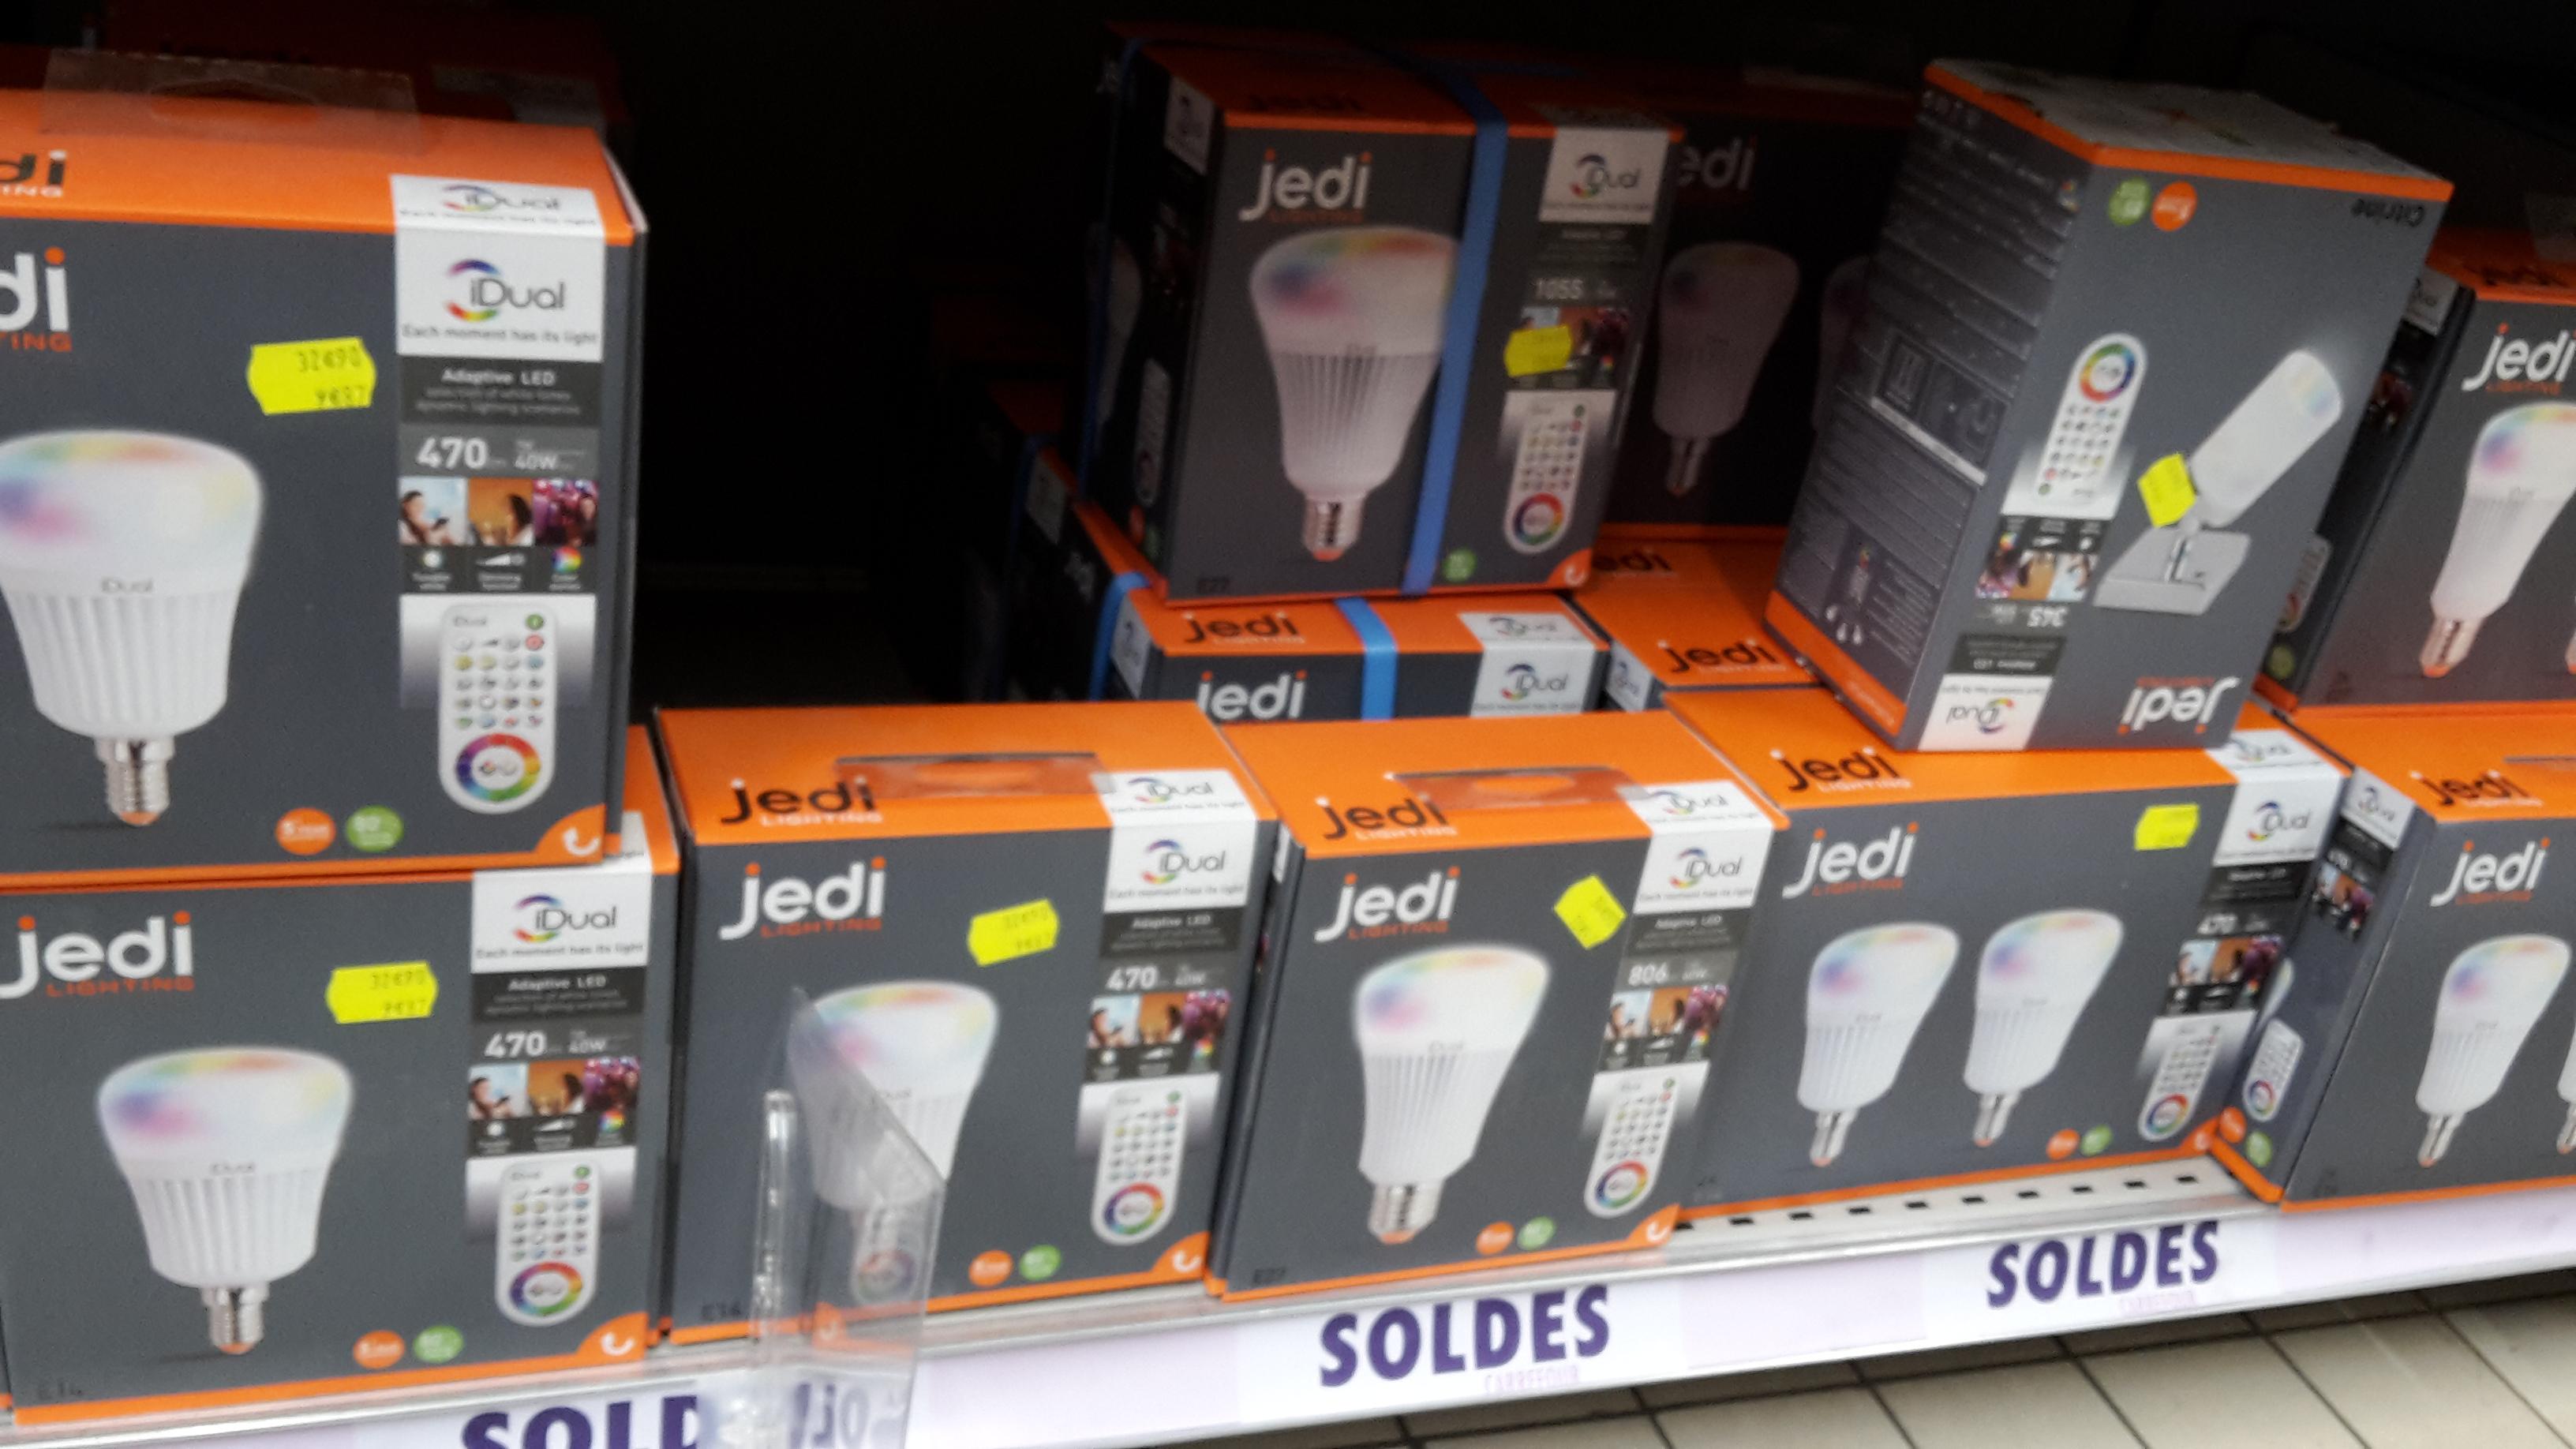 Sélection d'ampoules en promotion - Ex : Ampoule Jedi Lightning E14 470lm/40w - Carrefour Anglet (64)